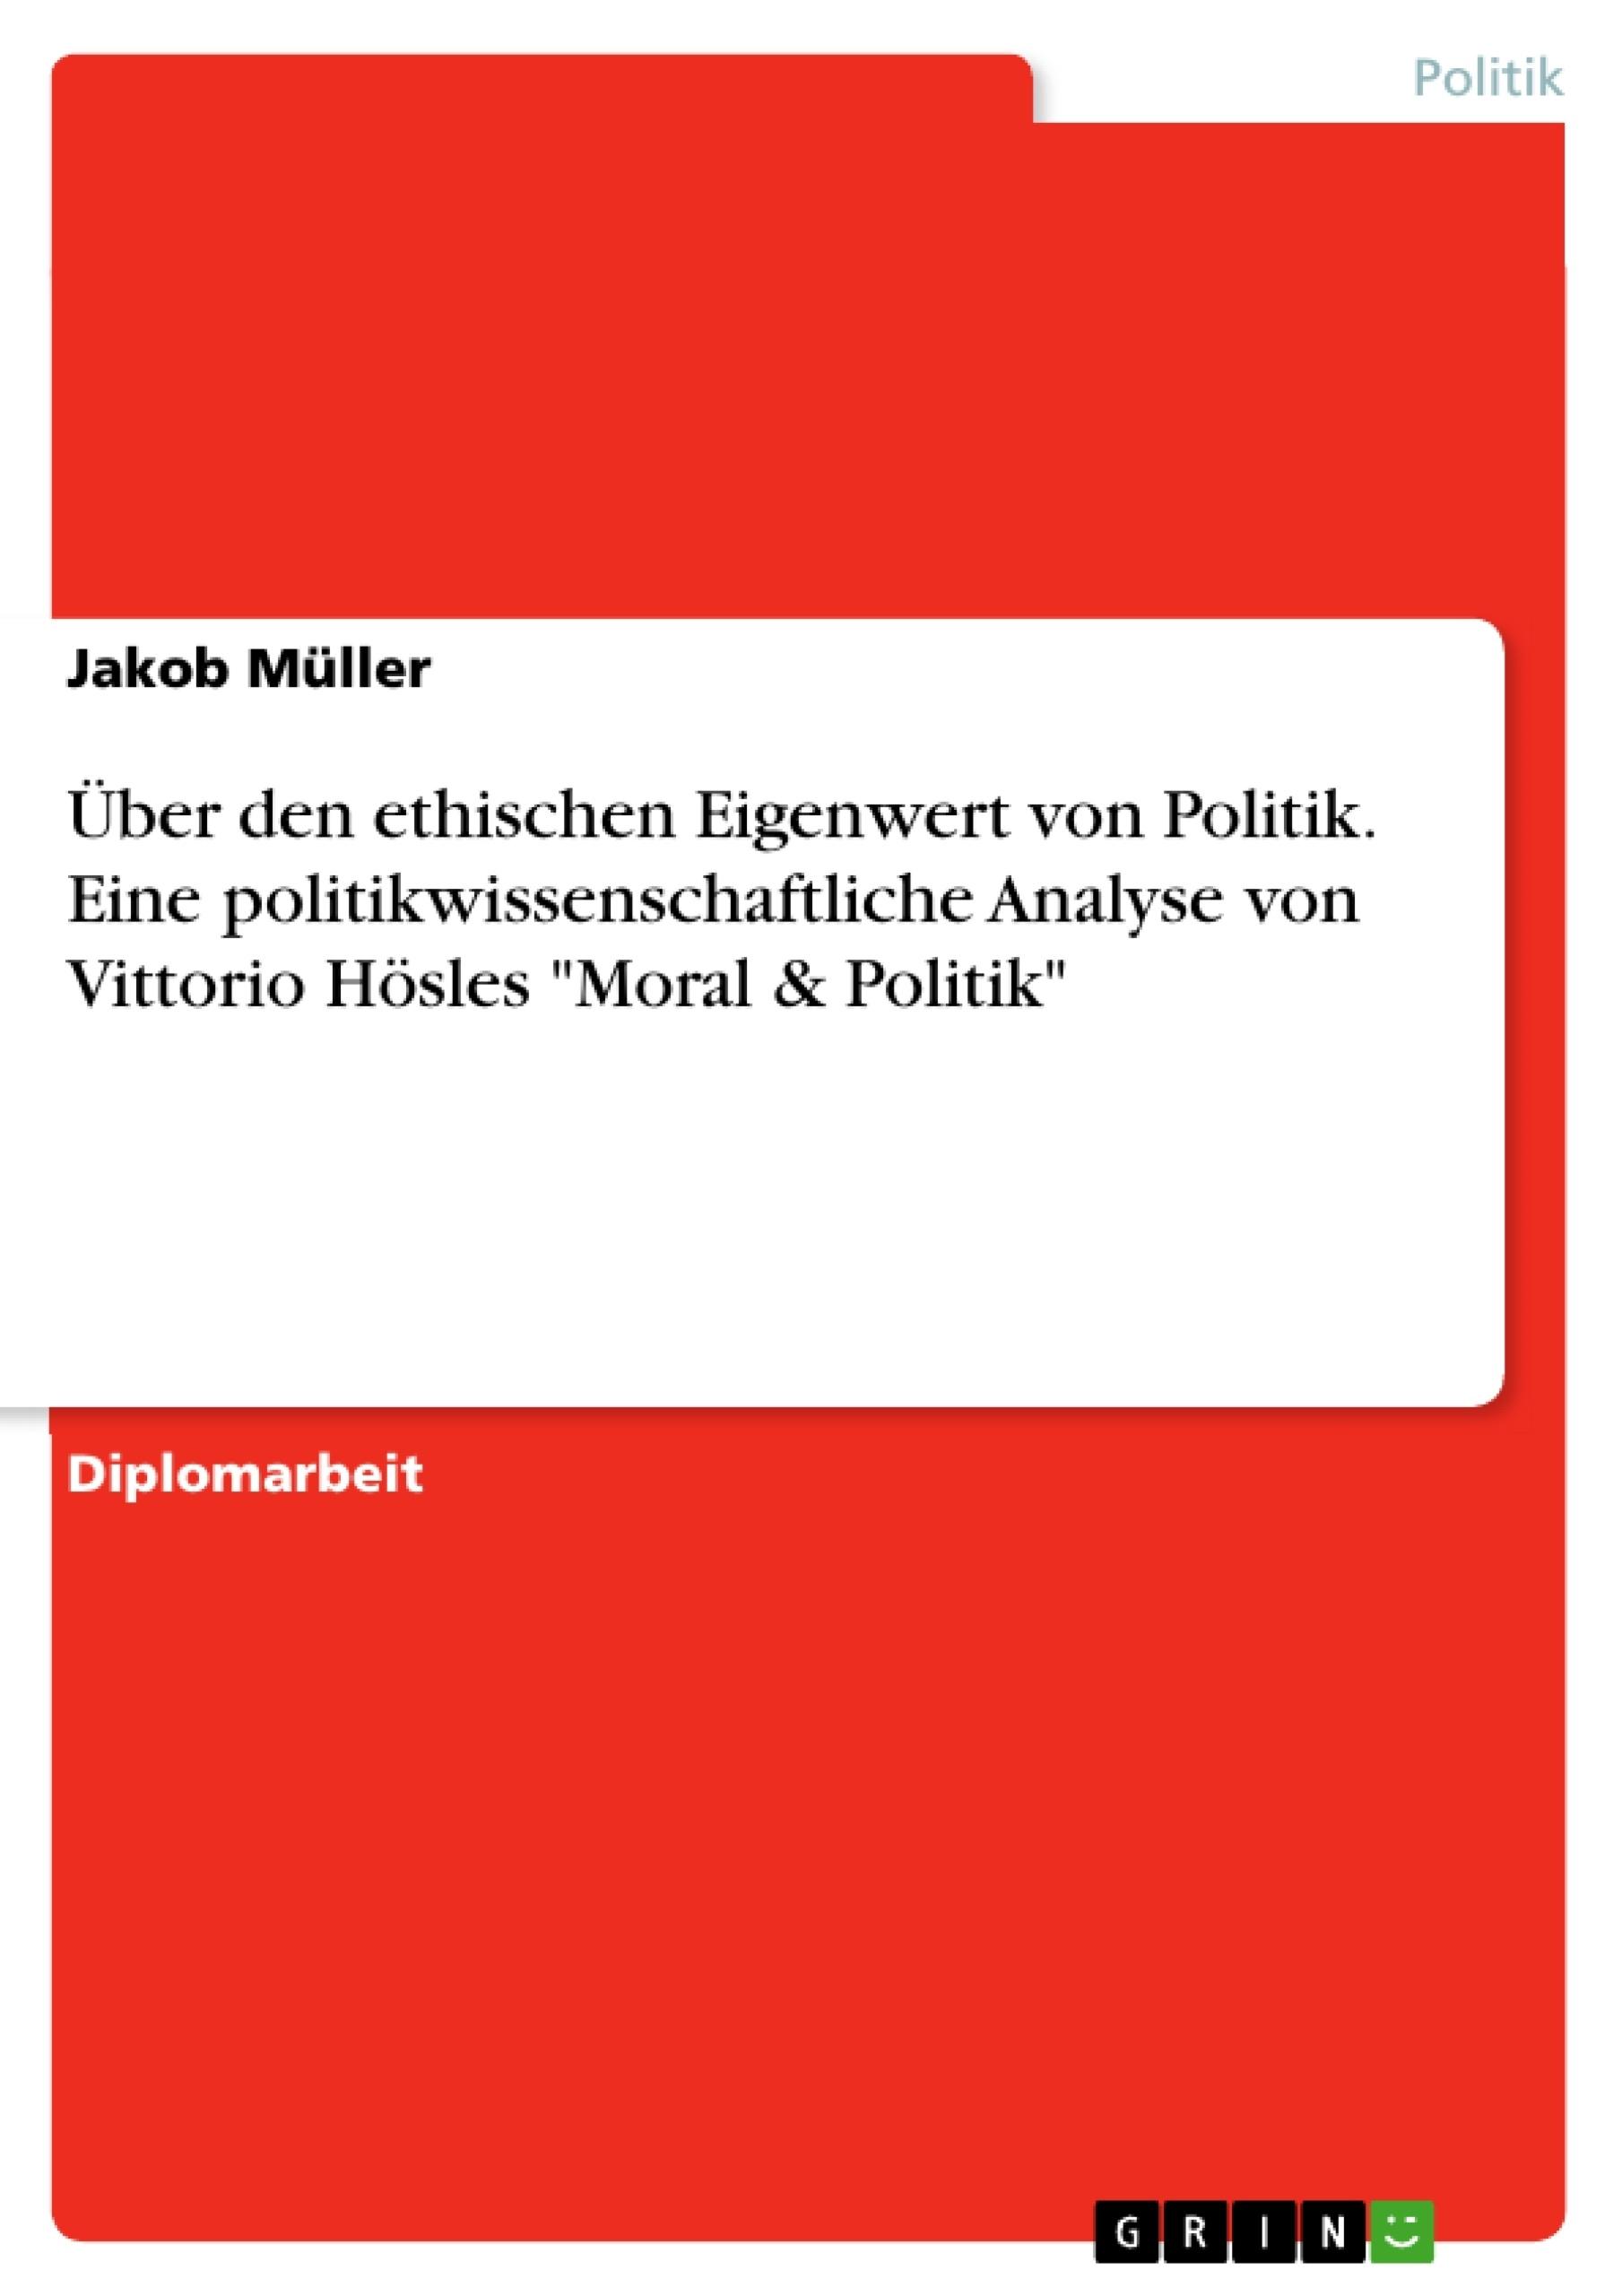 """Titel: Über den ethischen Eigenwert von Politik. Eine politikwissenschaftliche Analyse von Vittorio Hösles """"Moral & Politik"""""""